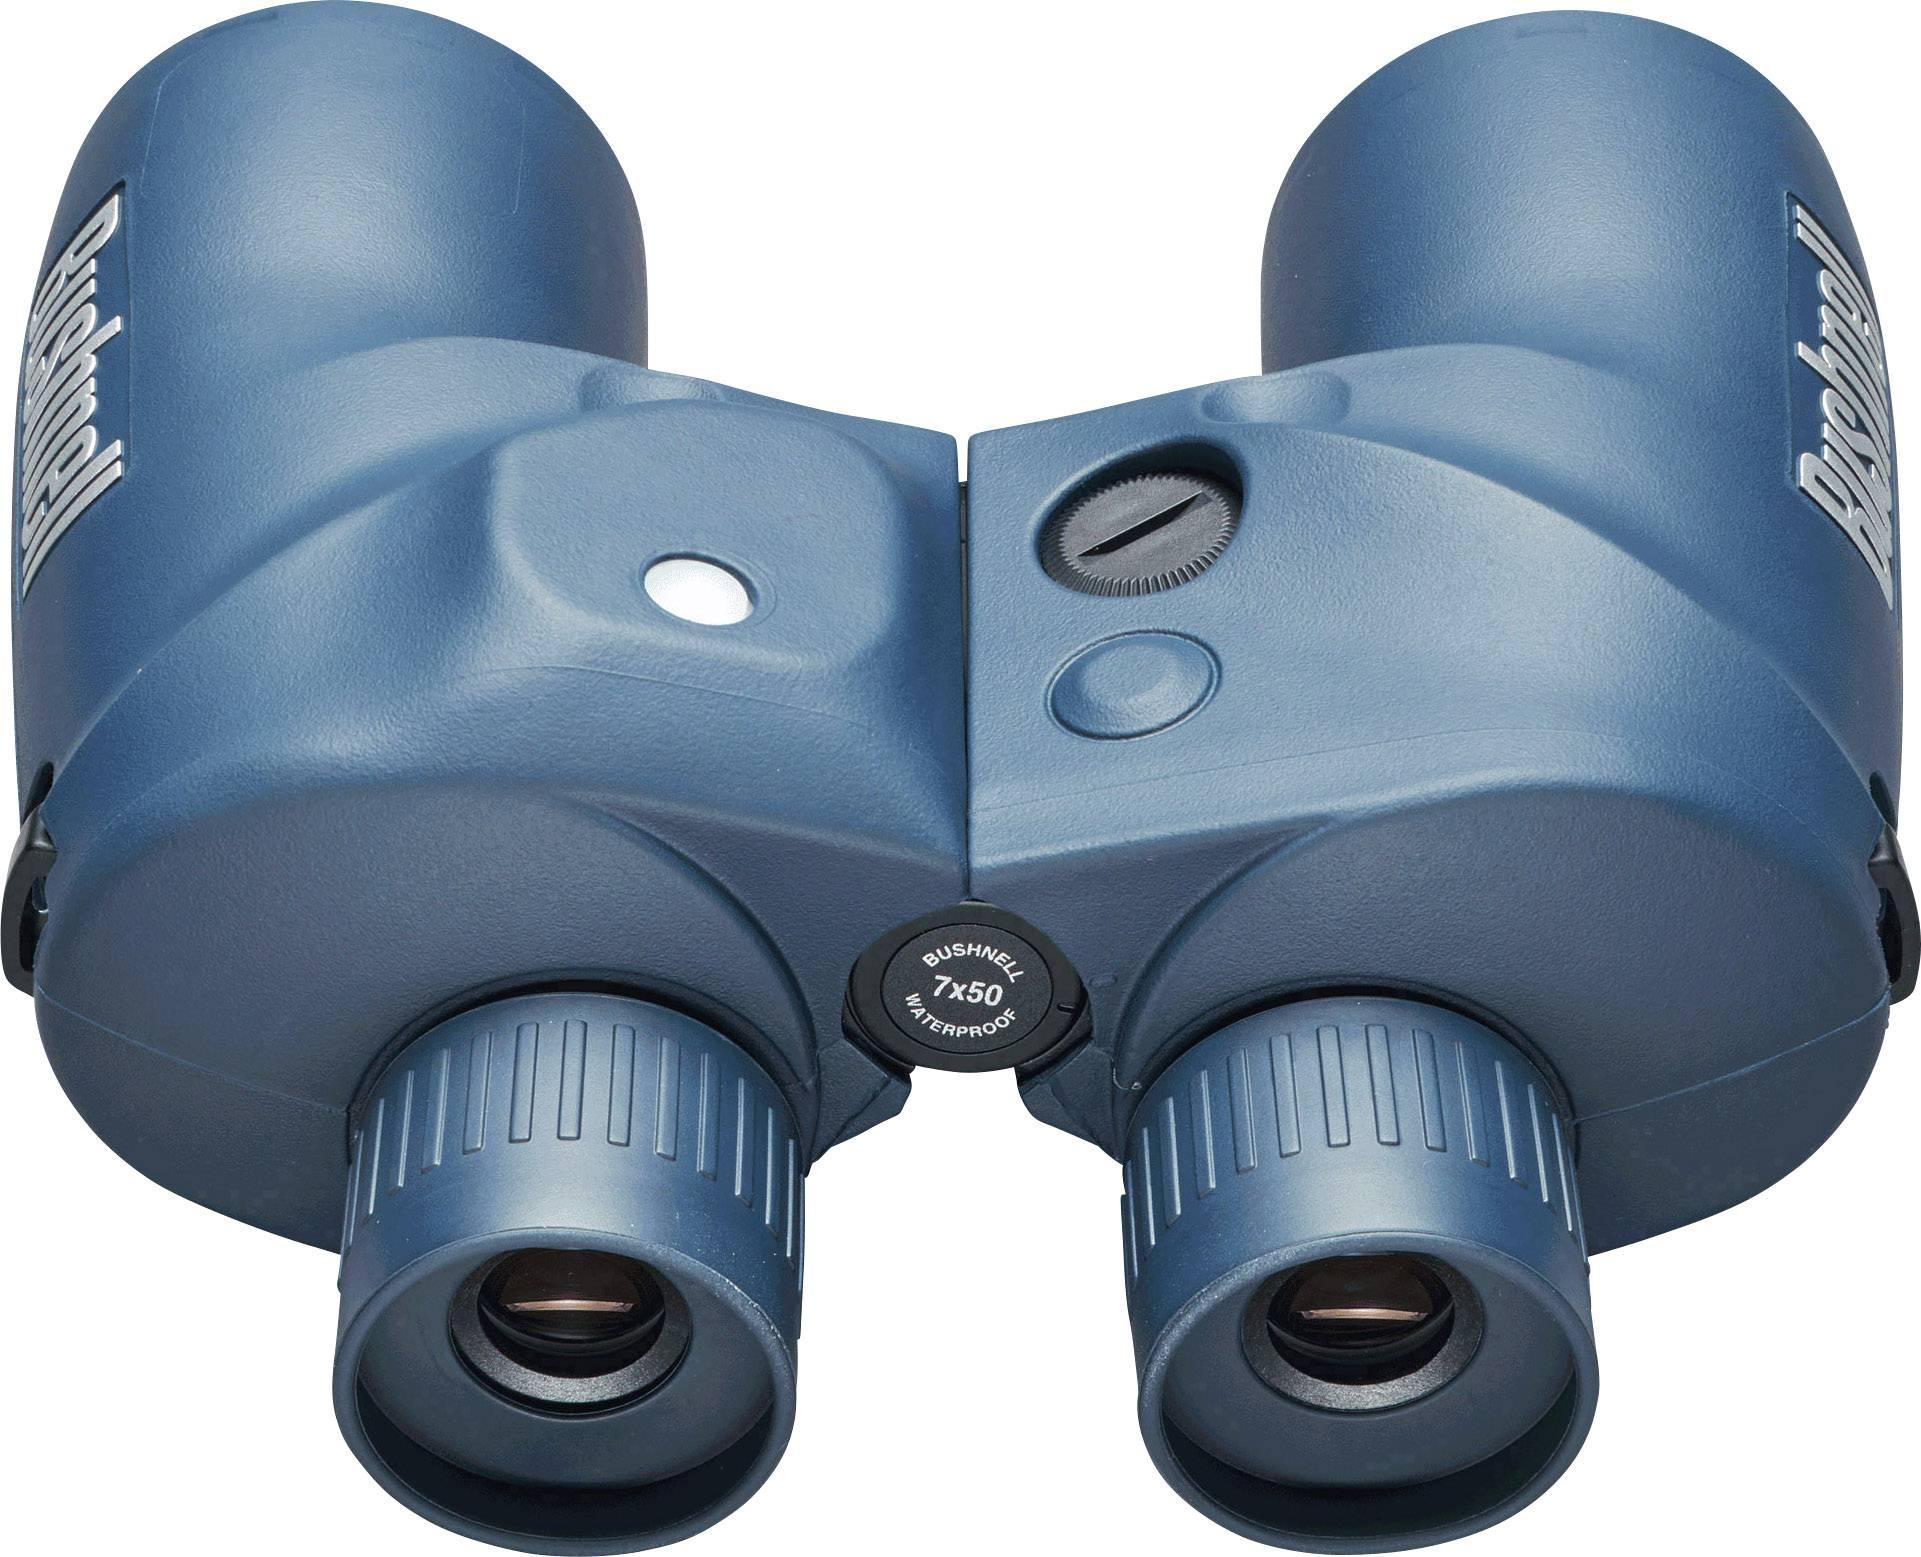 Dealswagen 10x50 Marine Fernglas Mit Entfernungsmesser Und Kompass Bak 4 : Fernglas marine bushnell kompass mm